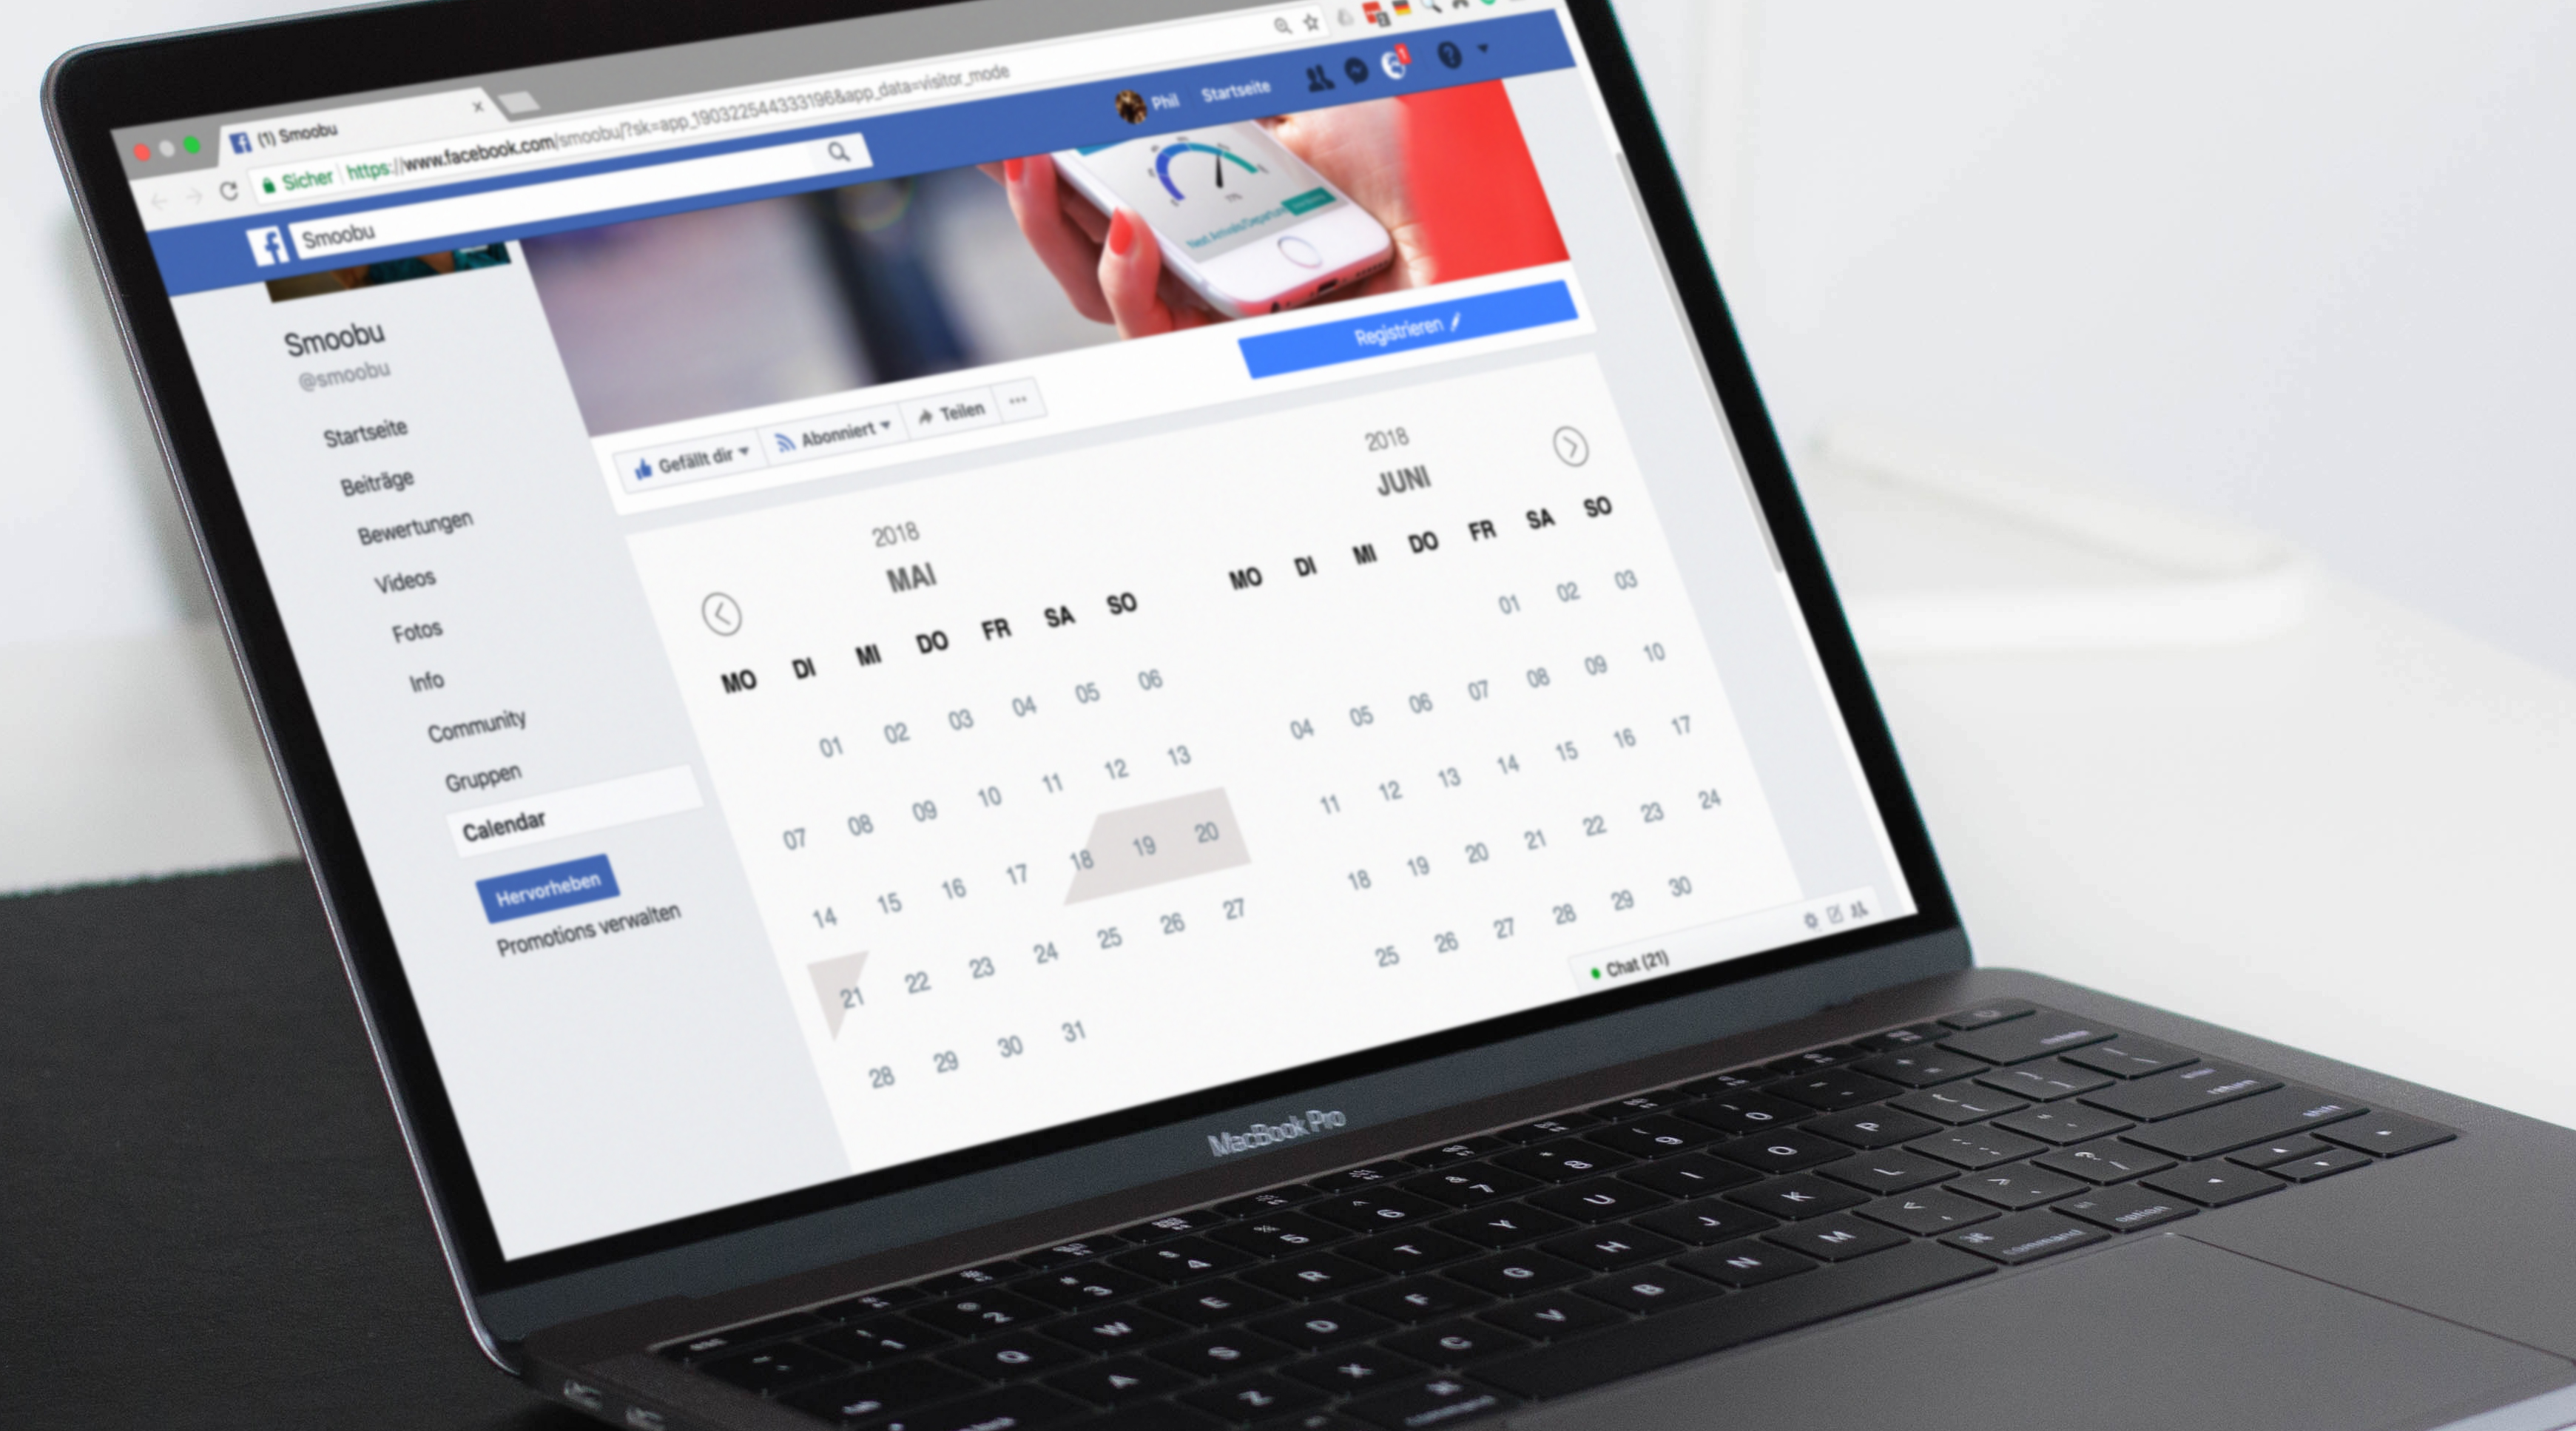 , Intégrer l'outil de reservation et le calendrier de Smoobu sur Facebook